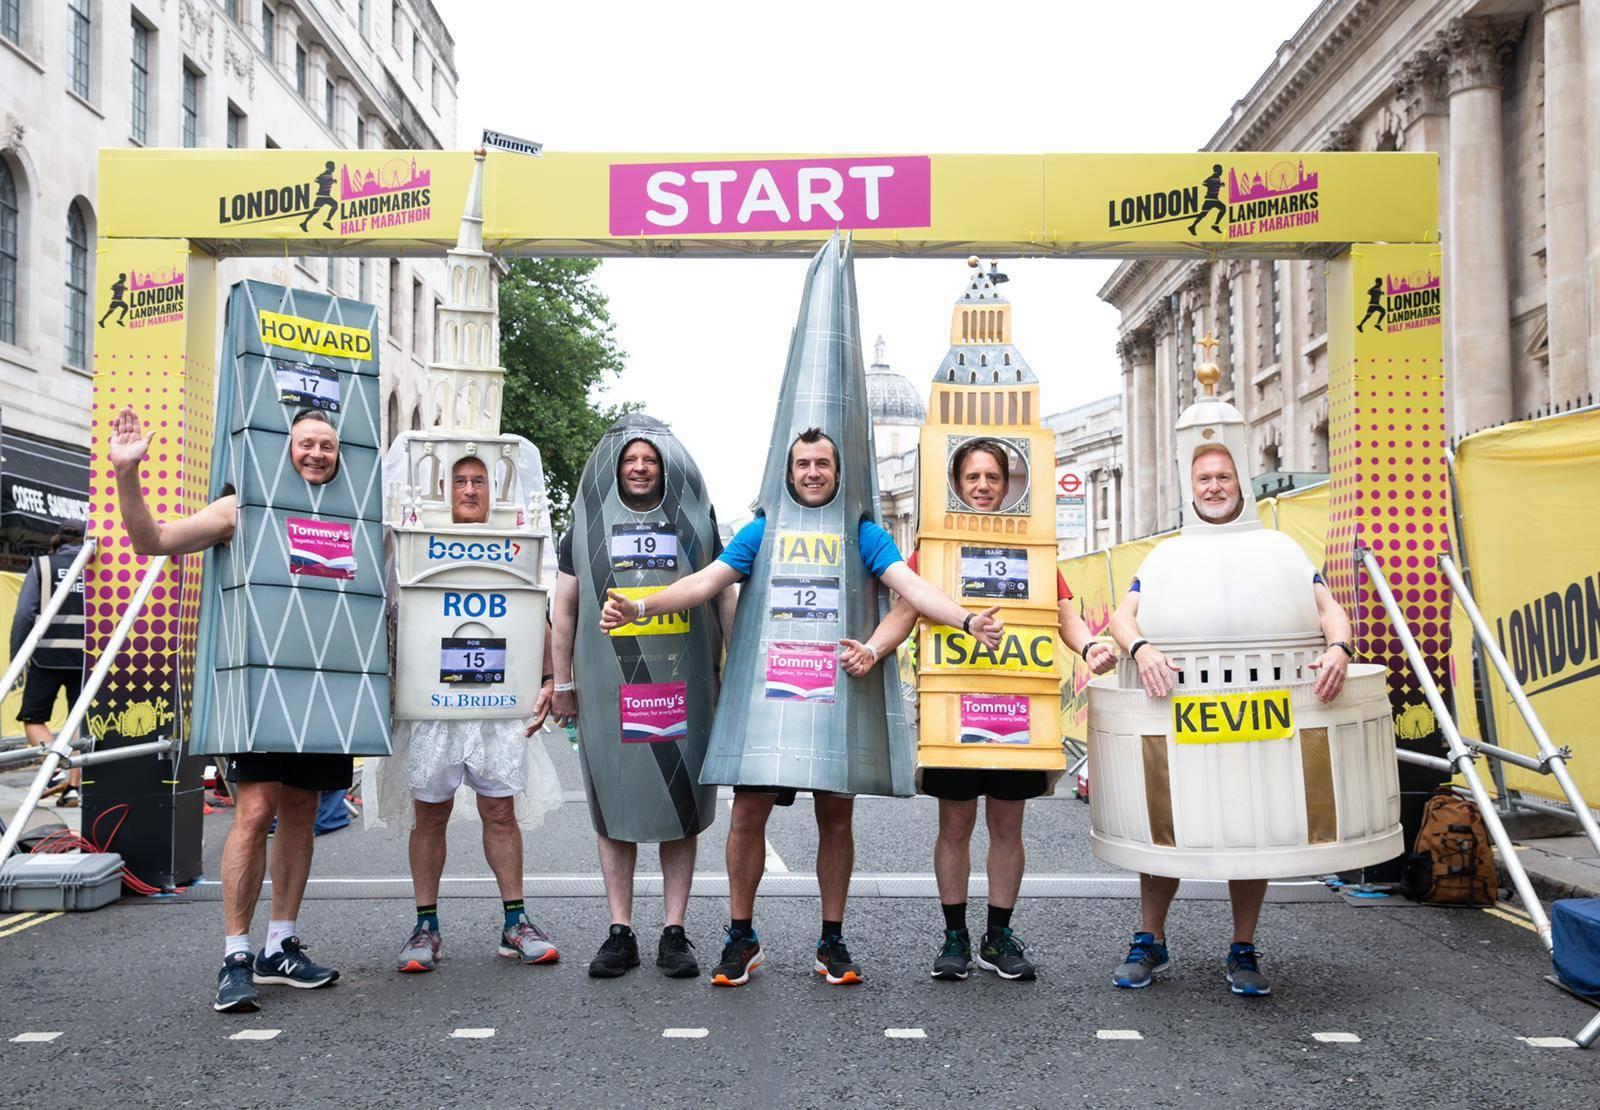 London Landmarks runners